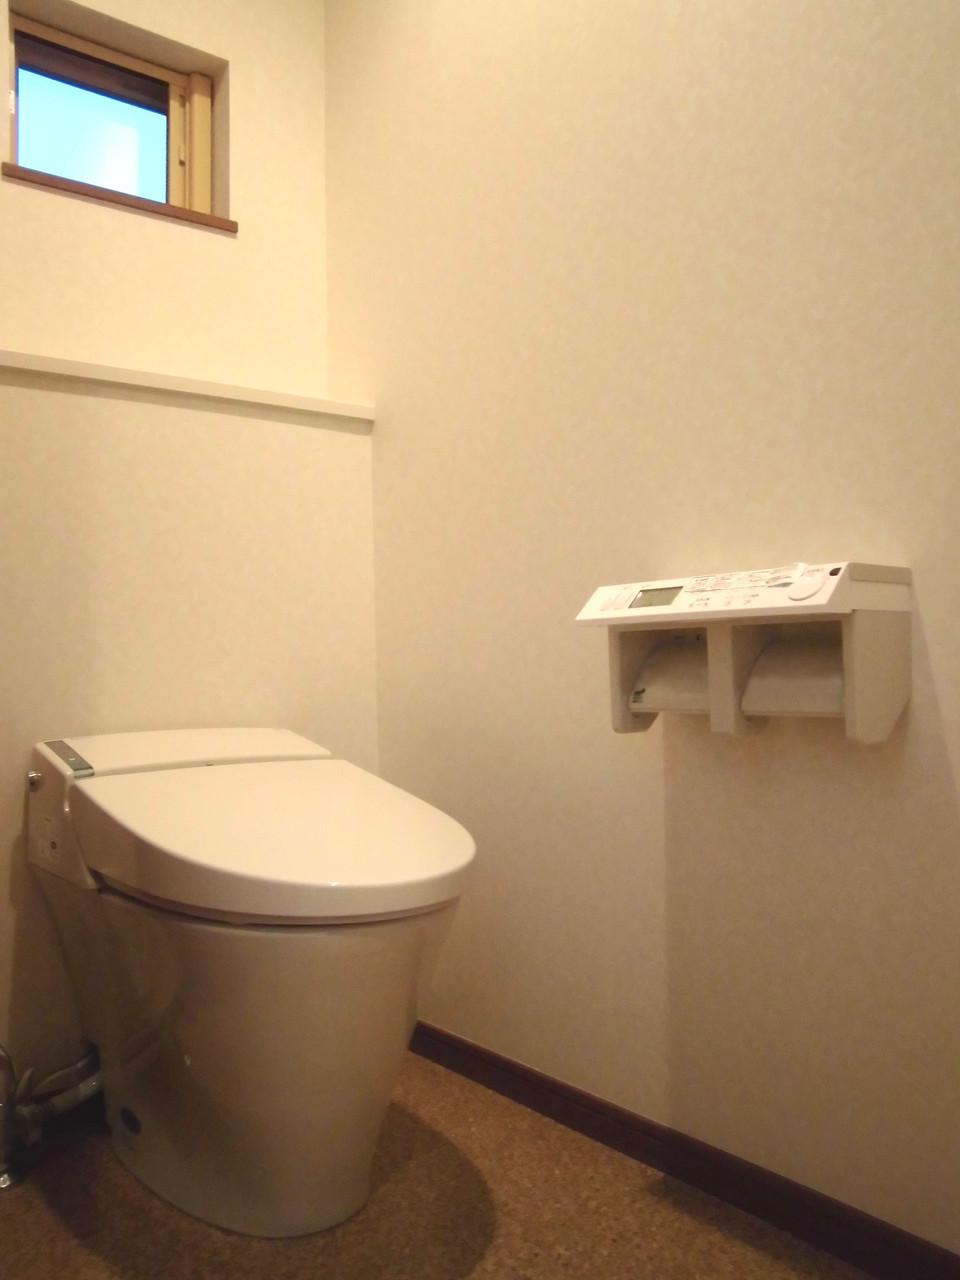 2Fトイレ(タンクレス仕様)